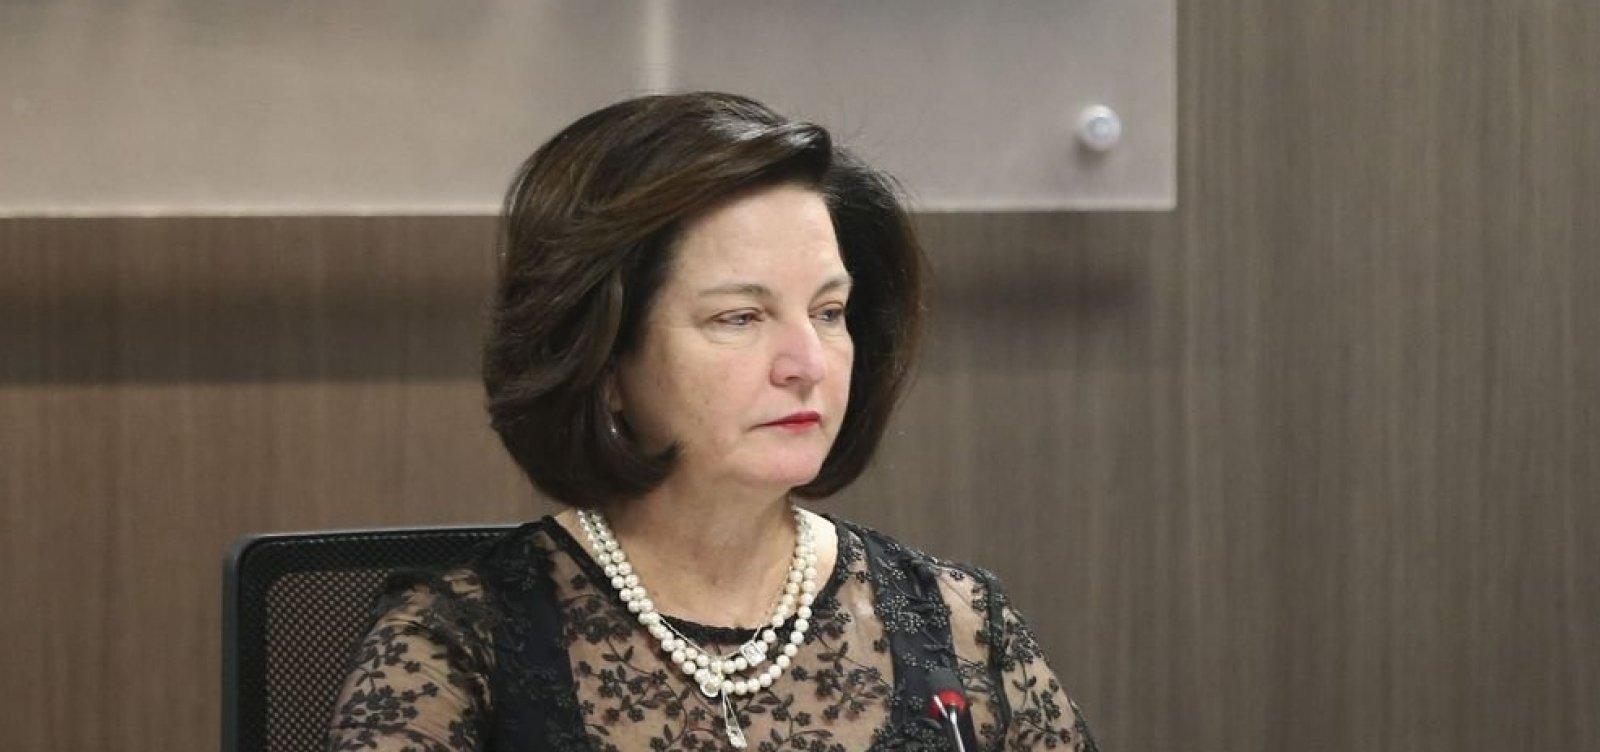 Dodge declara que decisão do Supremo sobre indulto de Temer é 'preocupante'